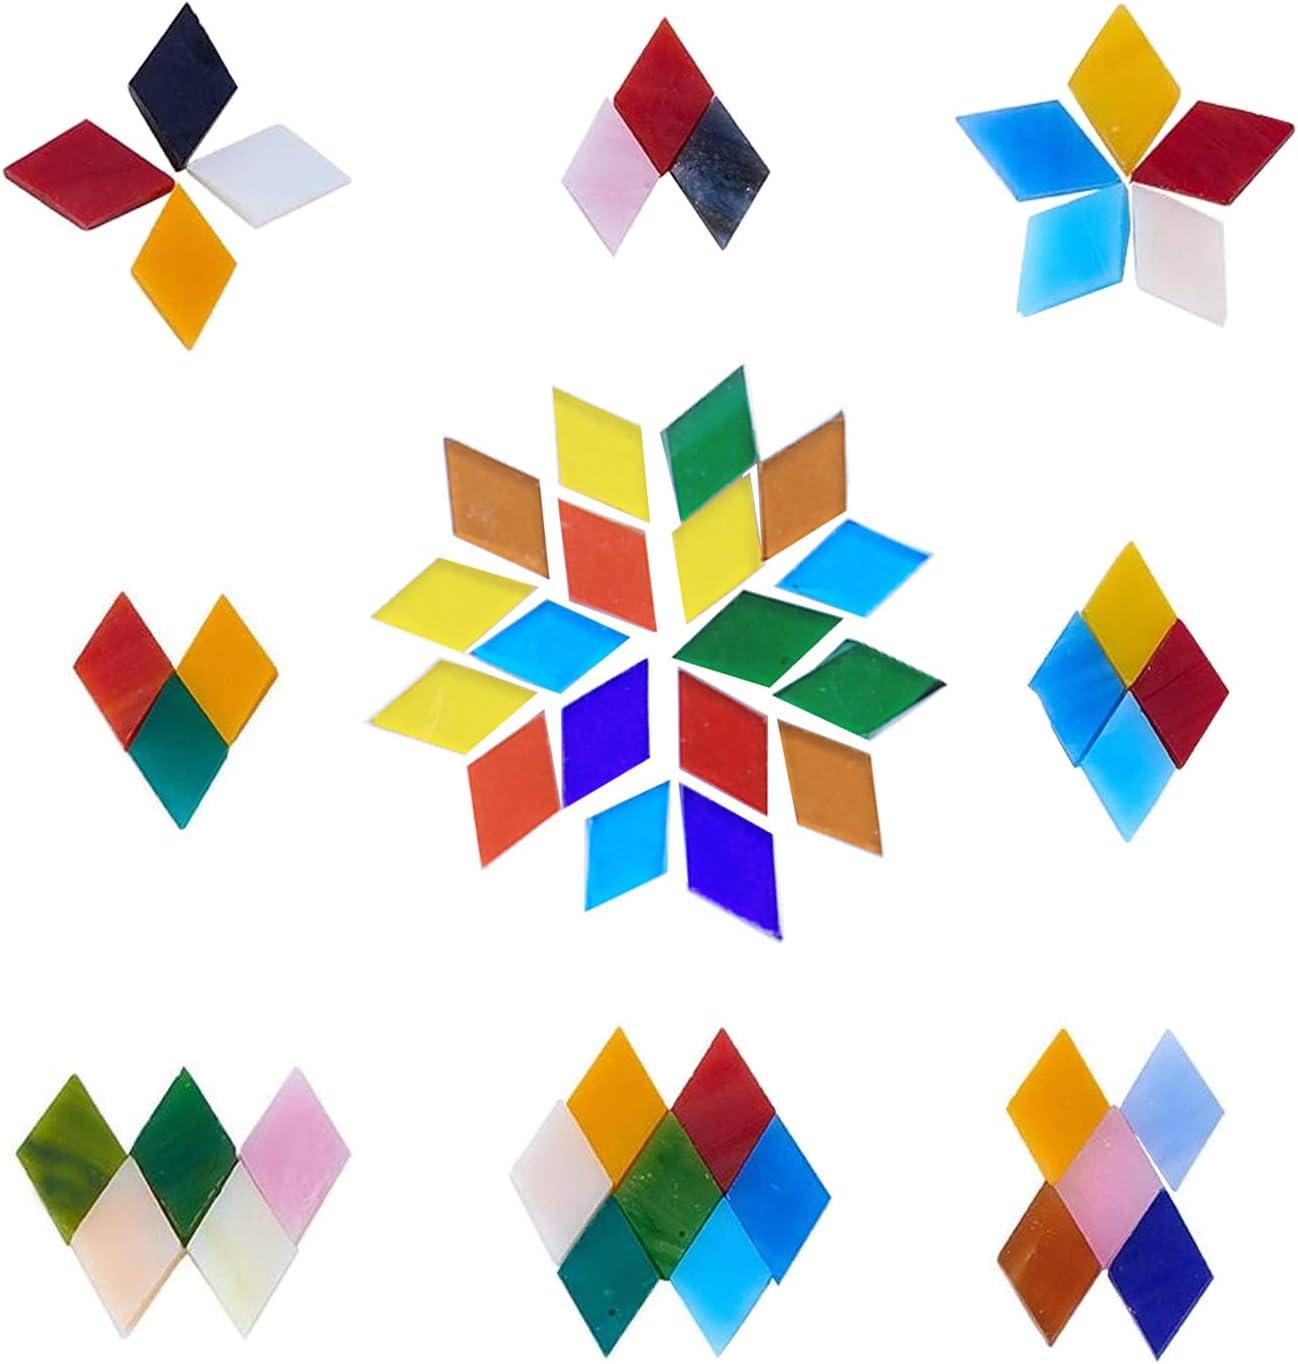 Allazone Mosaique Loisir Creatif Mosa/ïque de Multicolore Morceaux de Verre de Mosa/ïque pour La D/écoration /à La Maison 10 x 10MM Carr/é Cr/éation de Bricolage